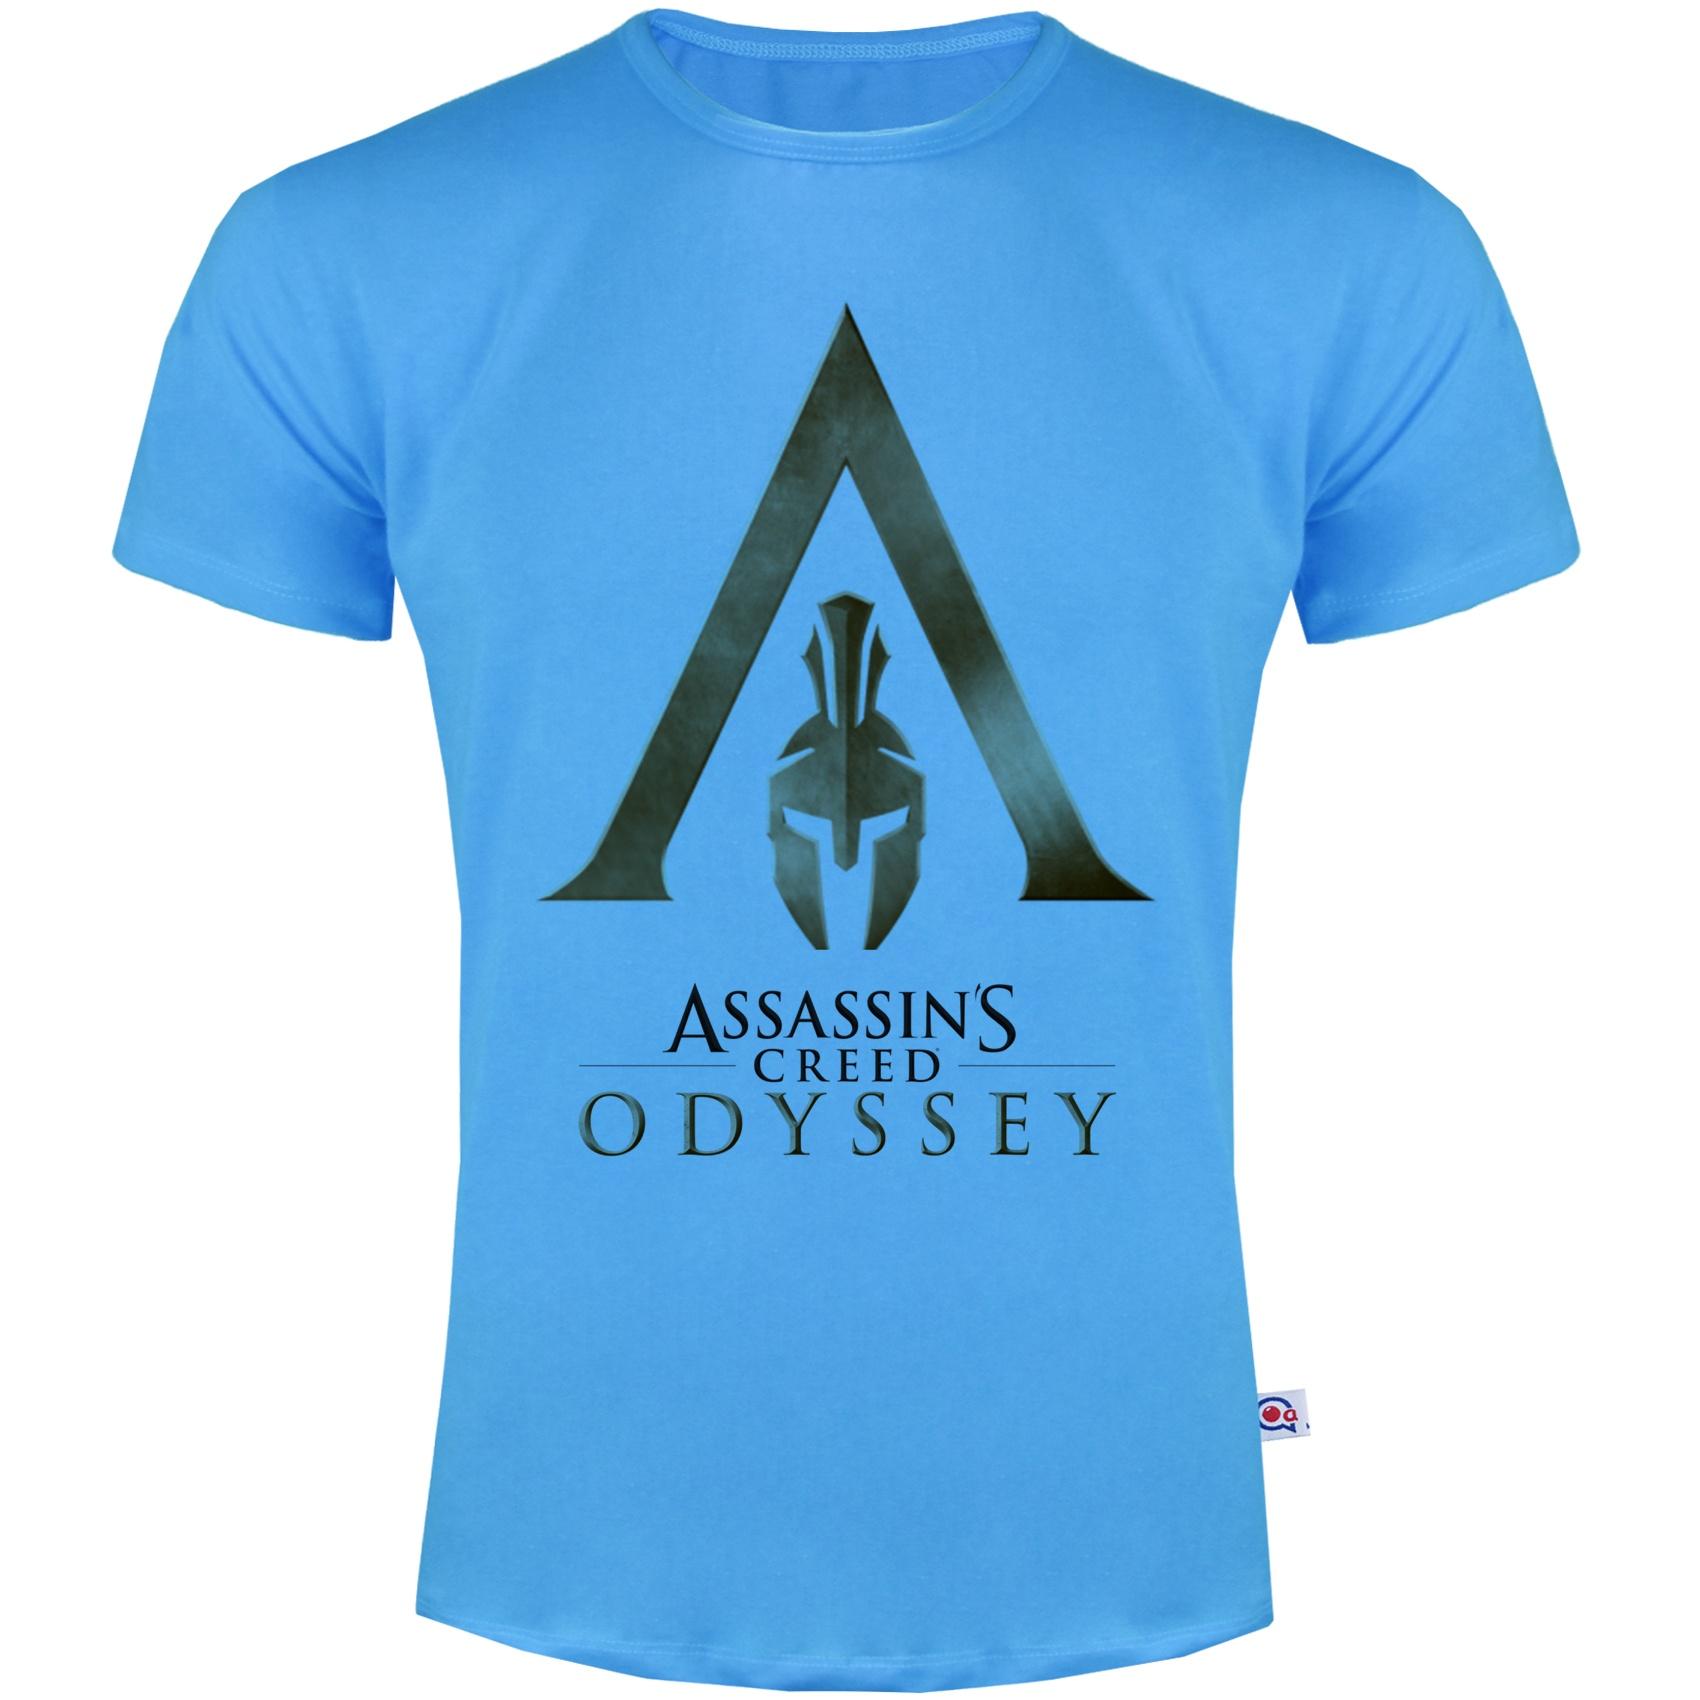 تی شرت مردانه آکو طرح اساسین کرید کد SA64